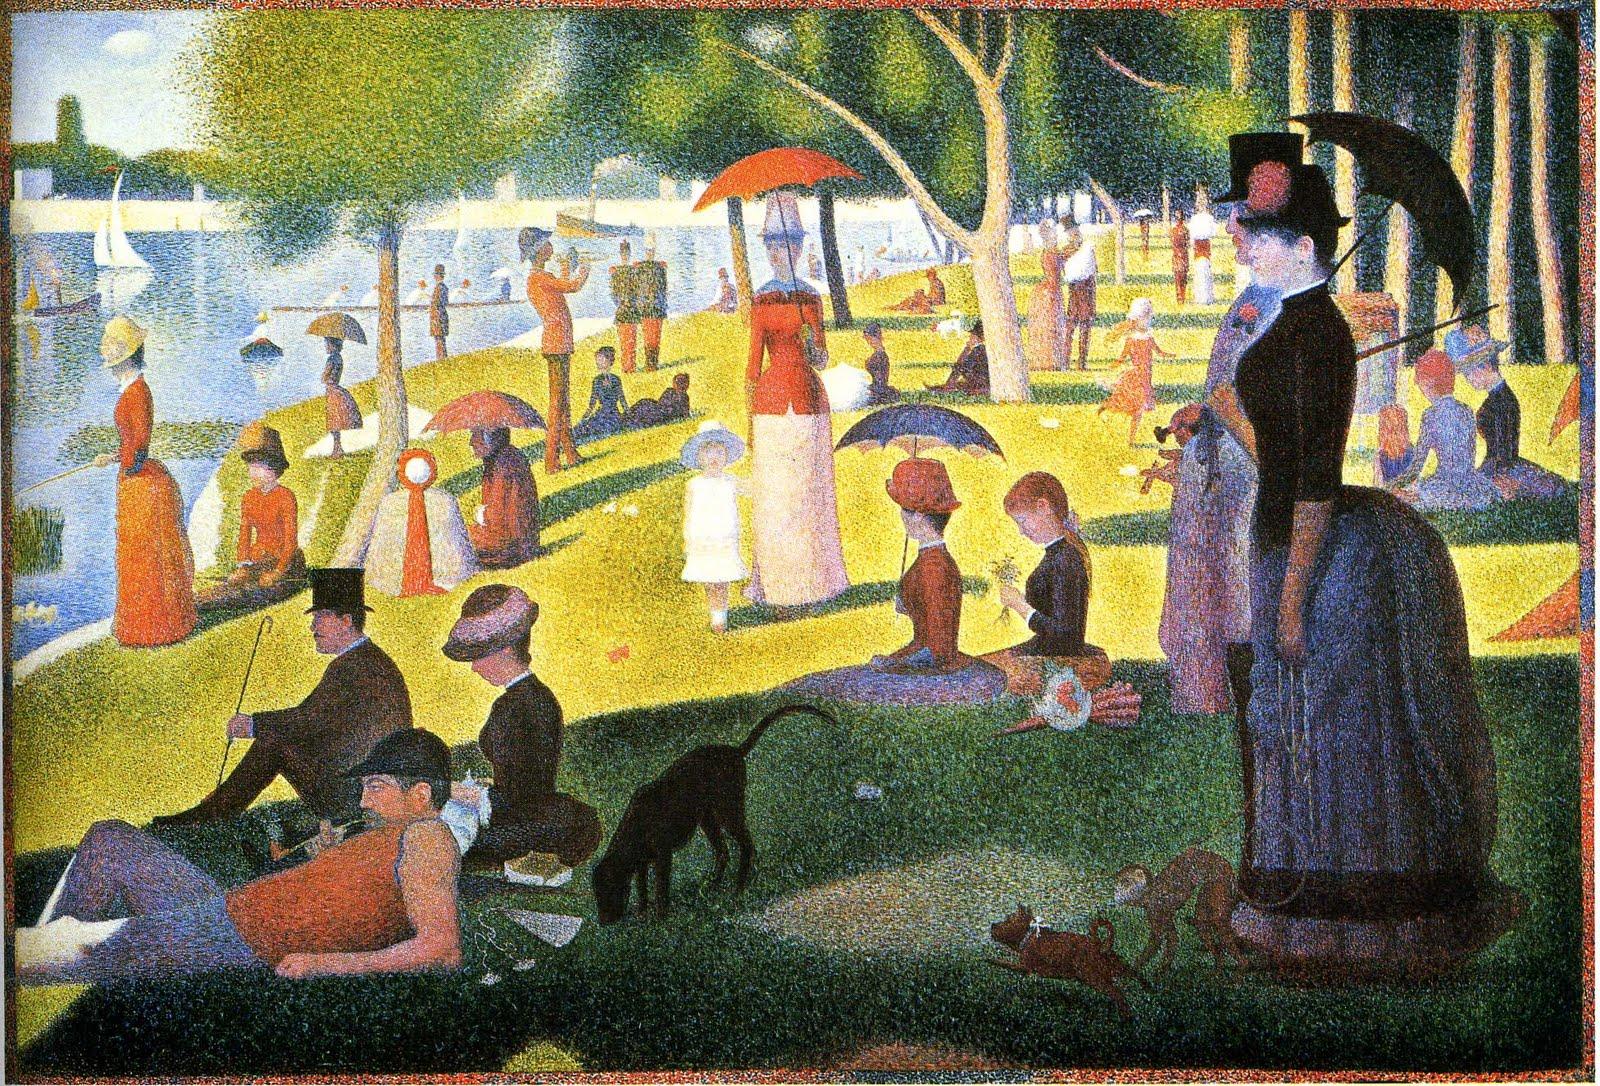 La Grande Jatte, de Georges Seurat